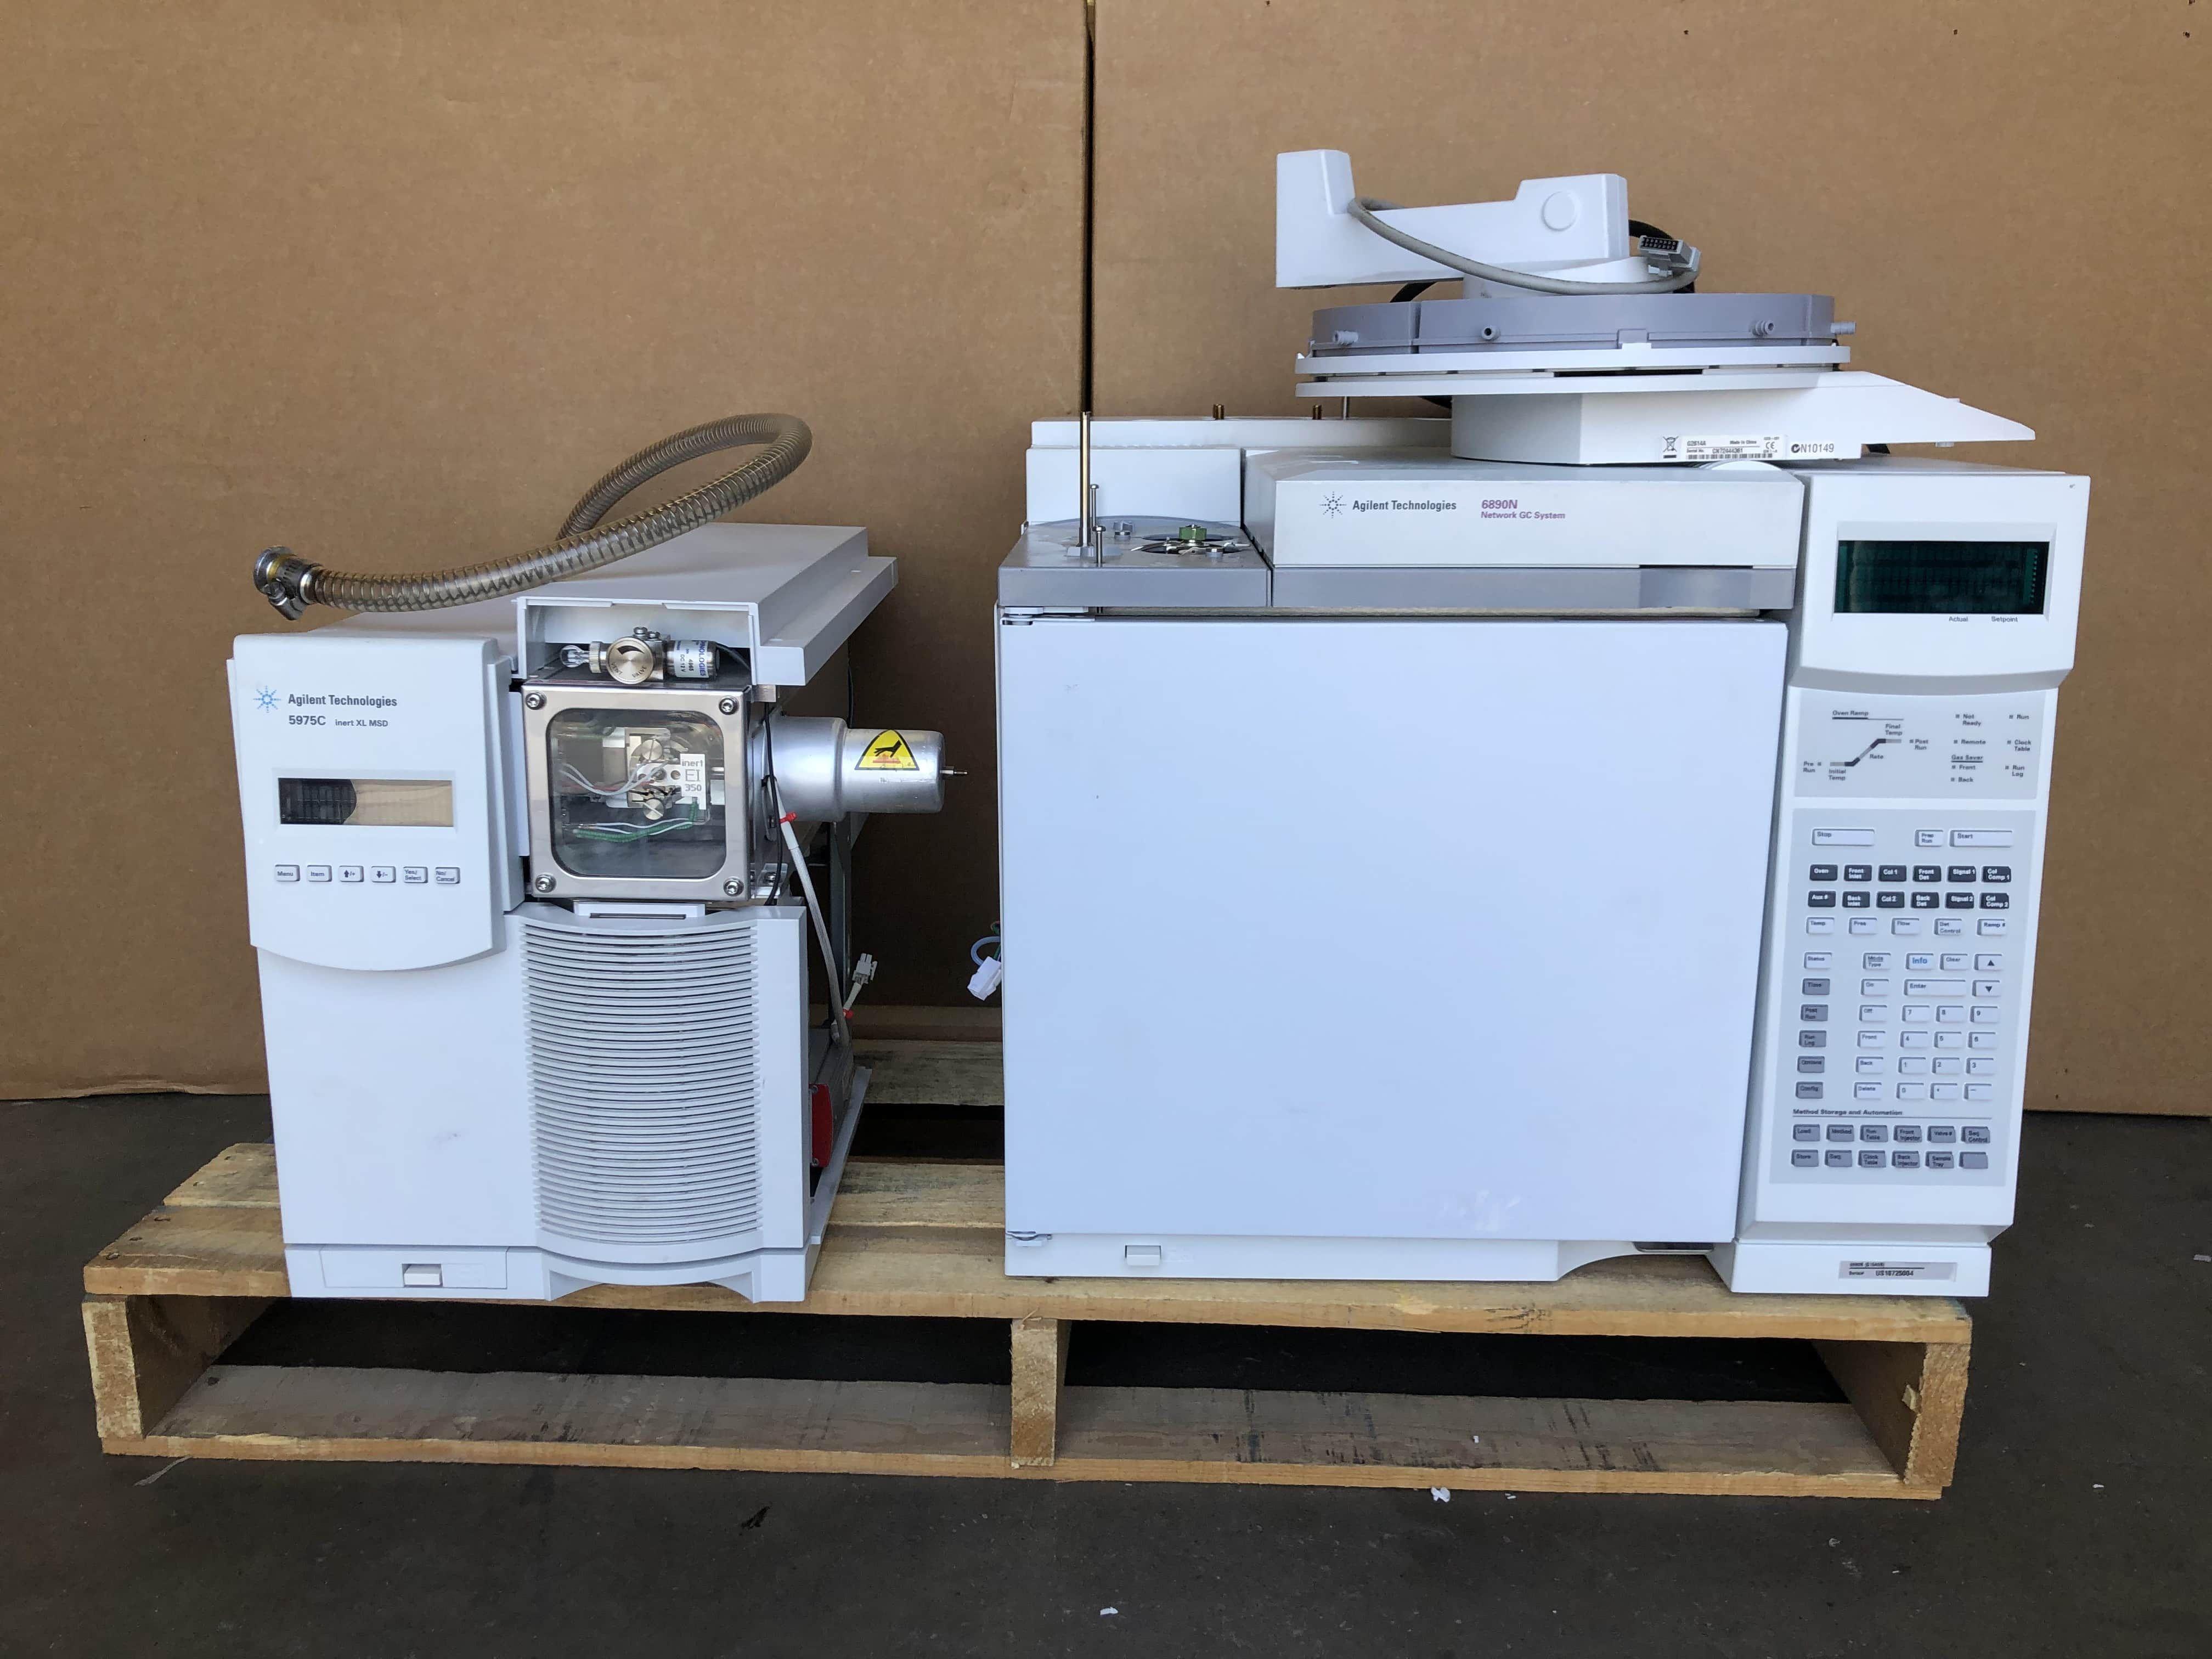 Agilent 5975C Inert XL MSD 6890N Network GC System 7683Series Autosampler G2614A